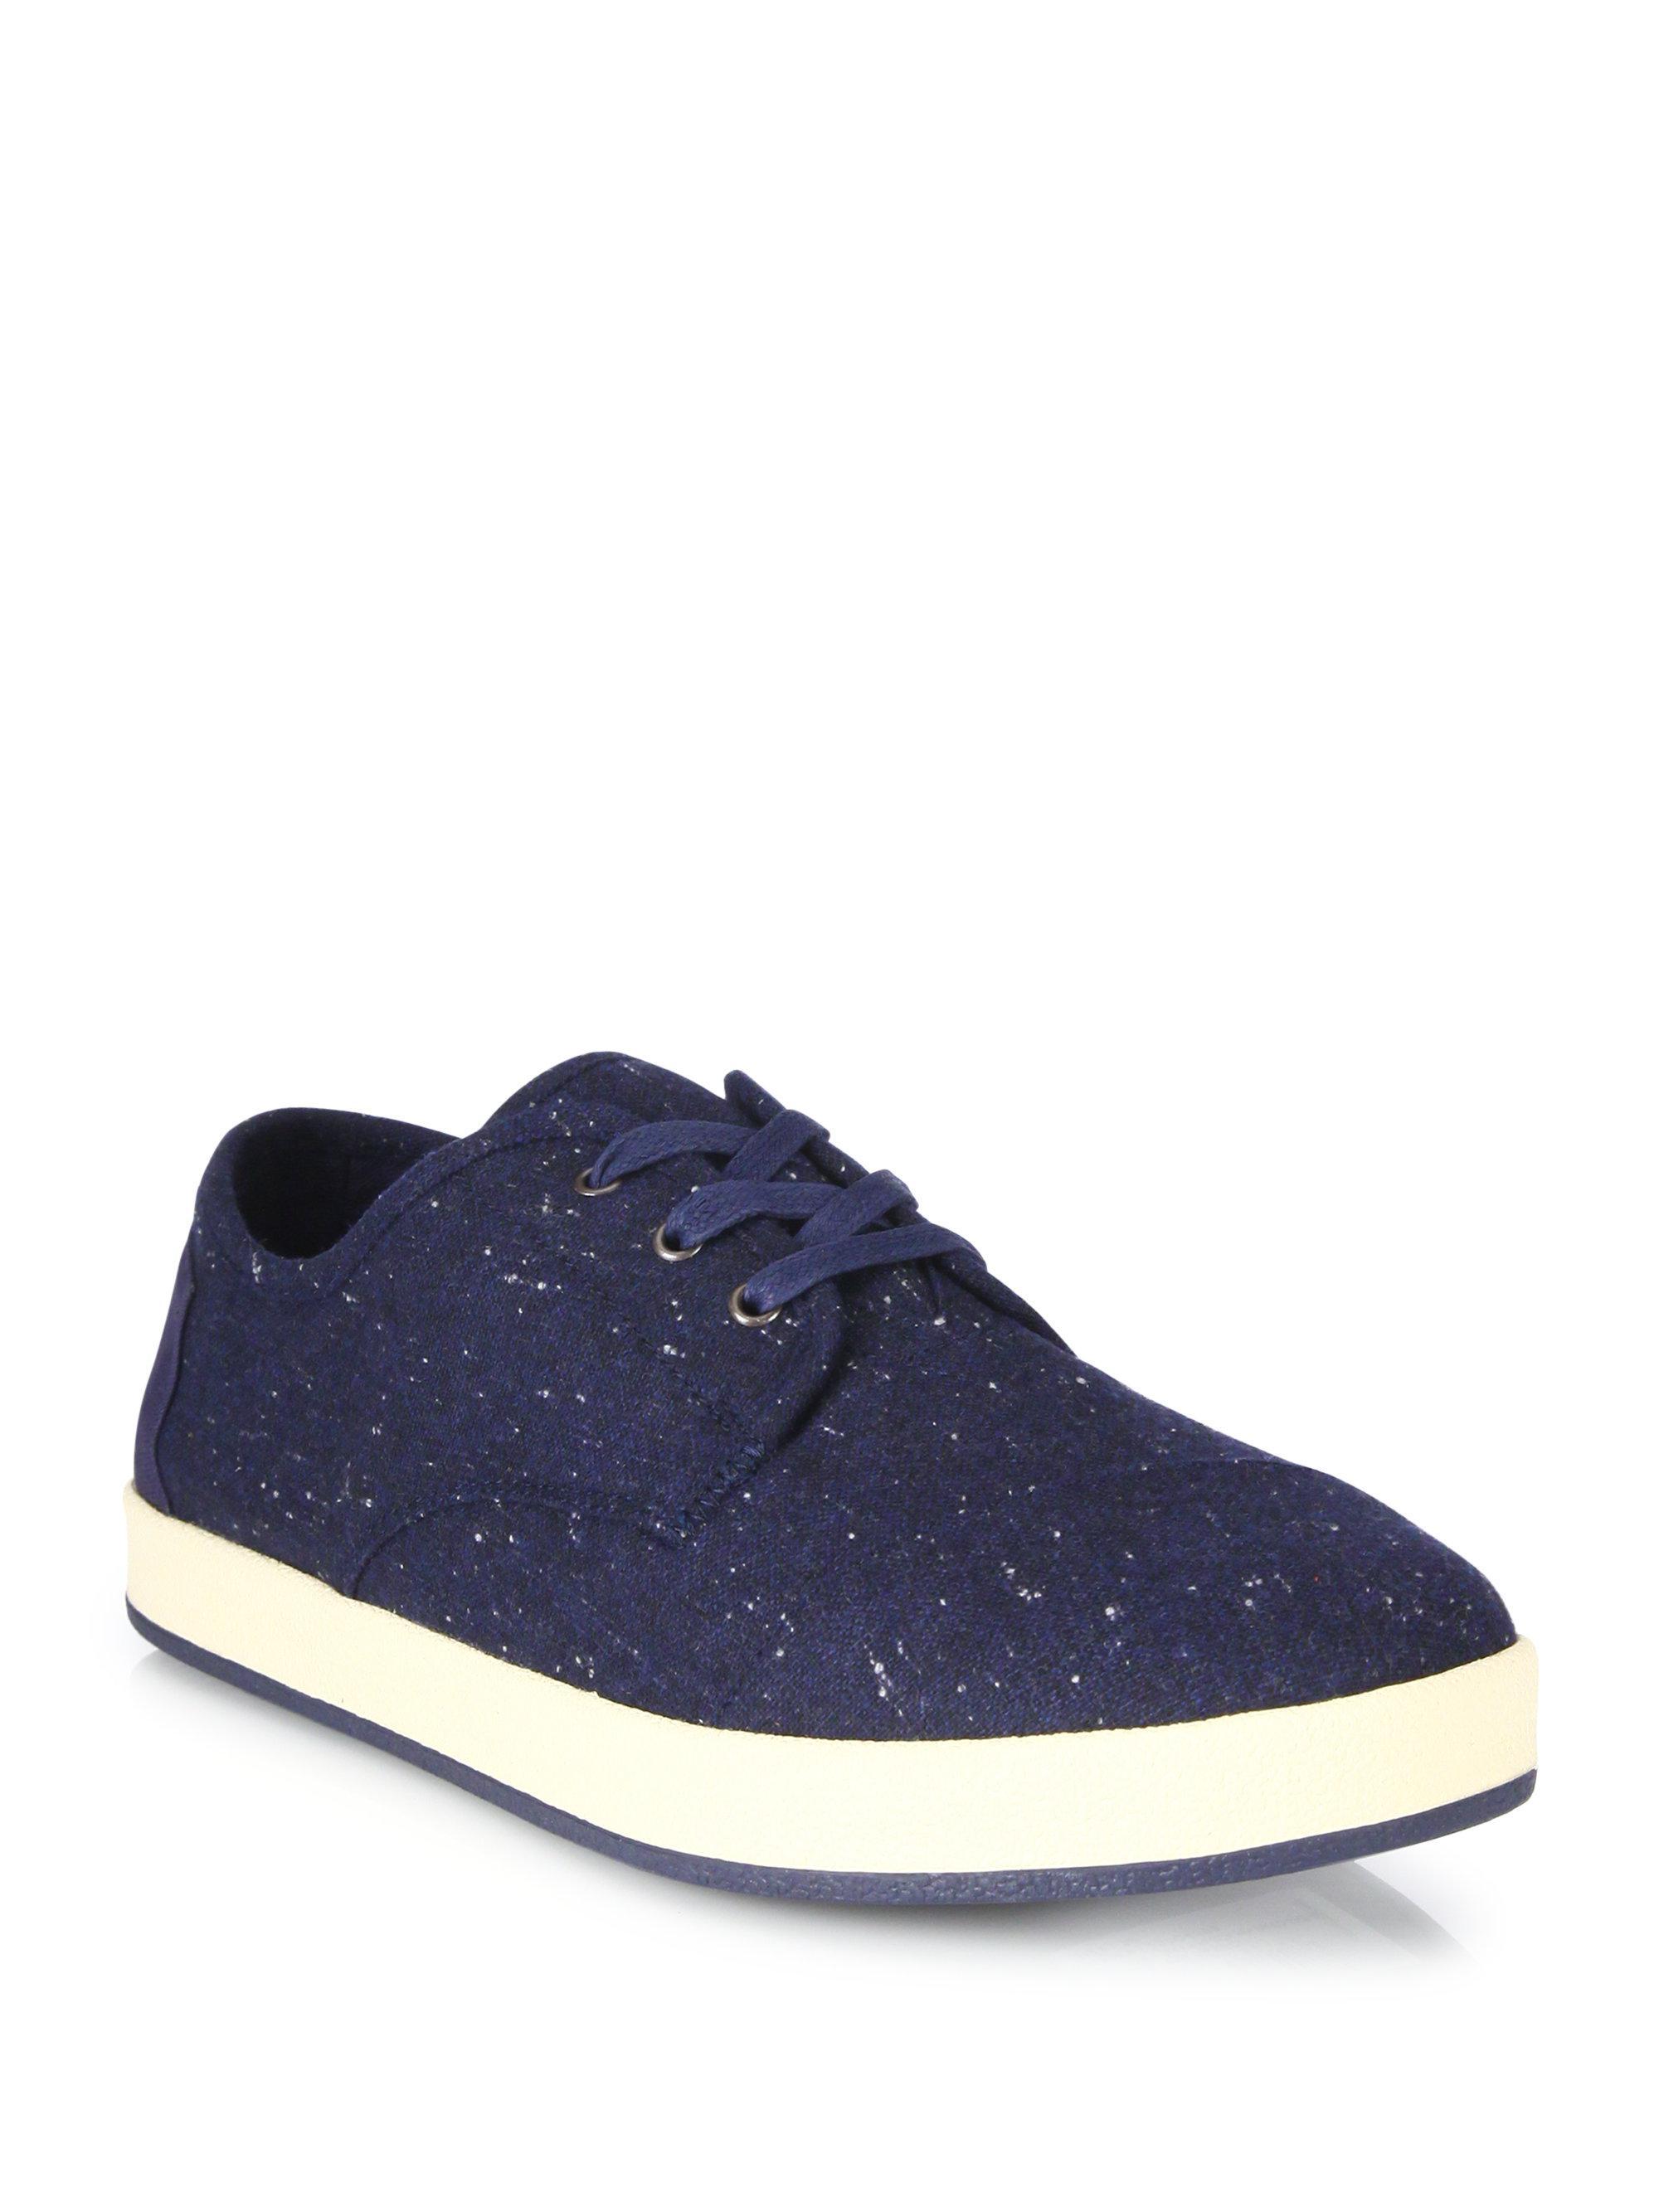 FOOTWEAR - Low-tops & sneakers Toms 1rZ9SjZiw7